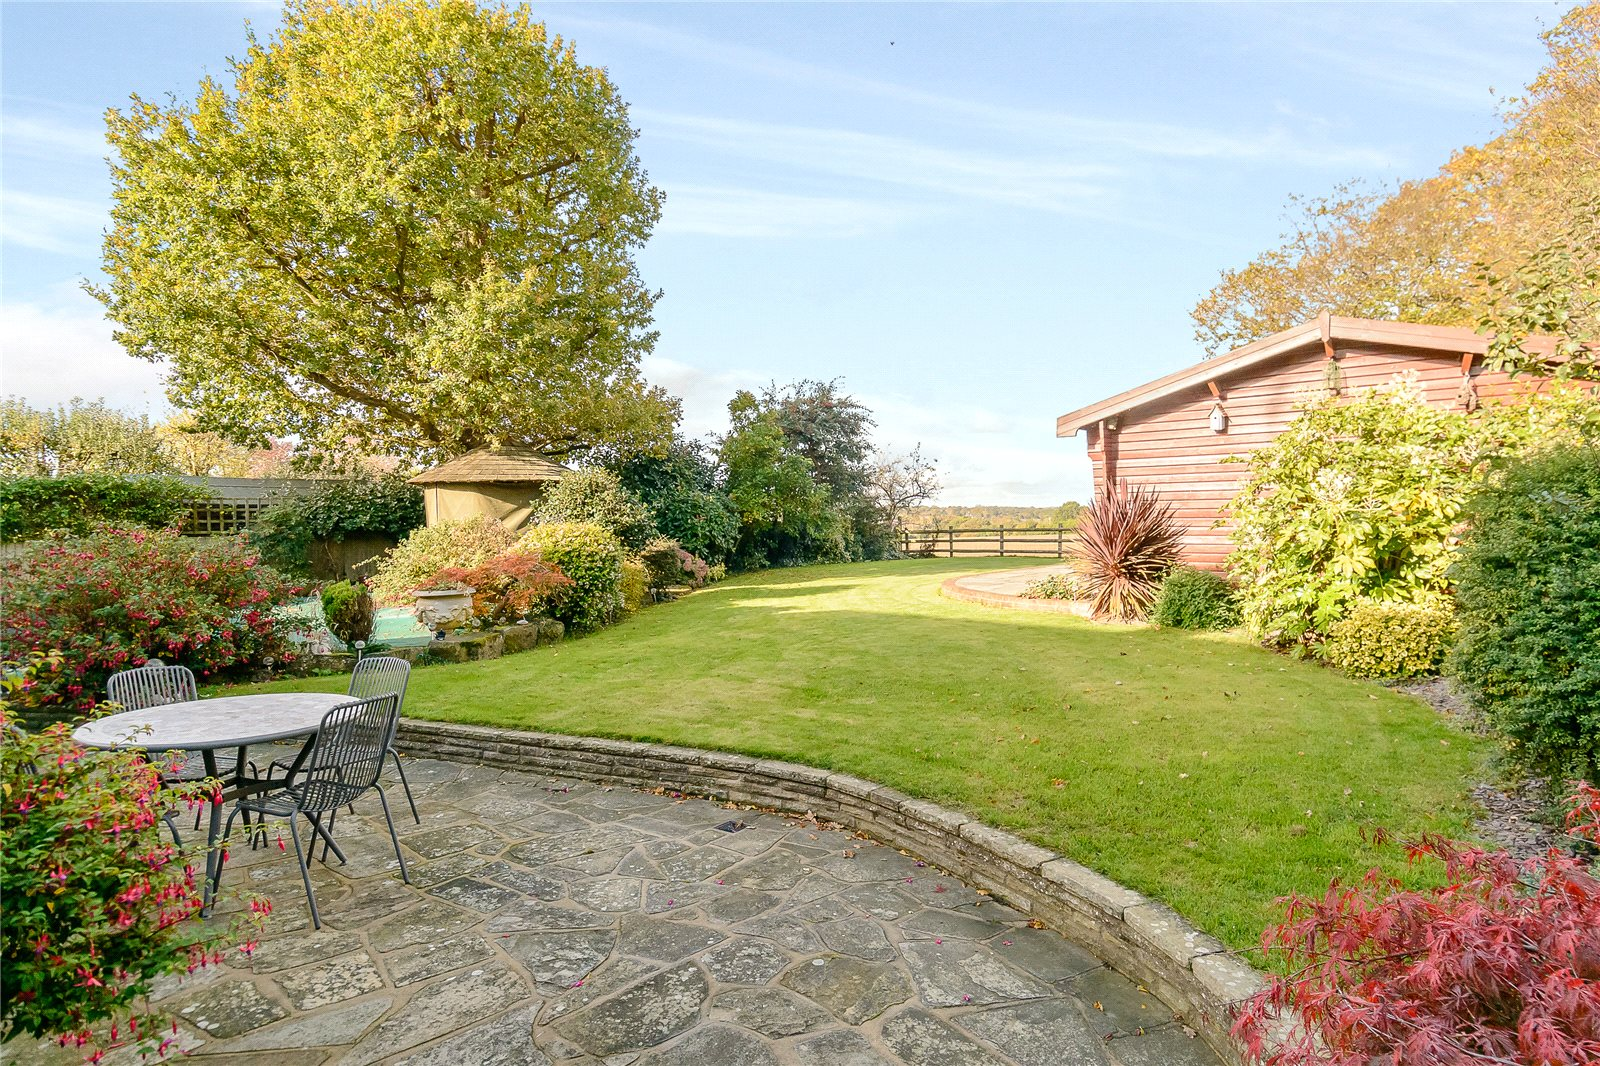 Maison unifamiliale pour l Vente à Bloomfield Road, Harpenden, Hertfordshire, AL5 Harpenden, Angleterre